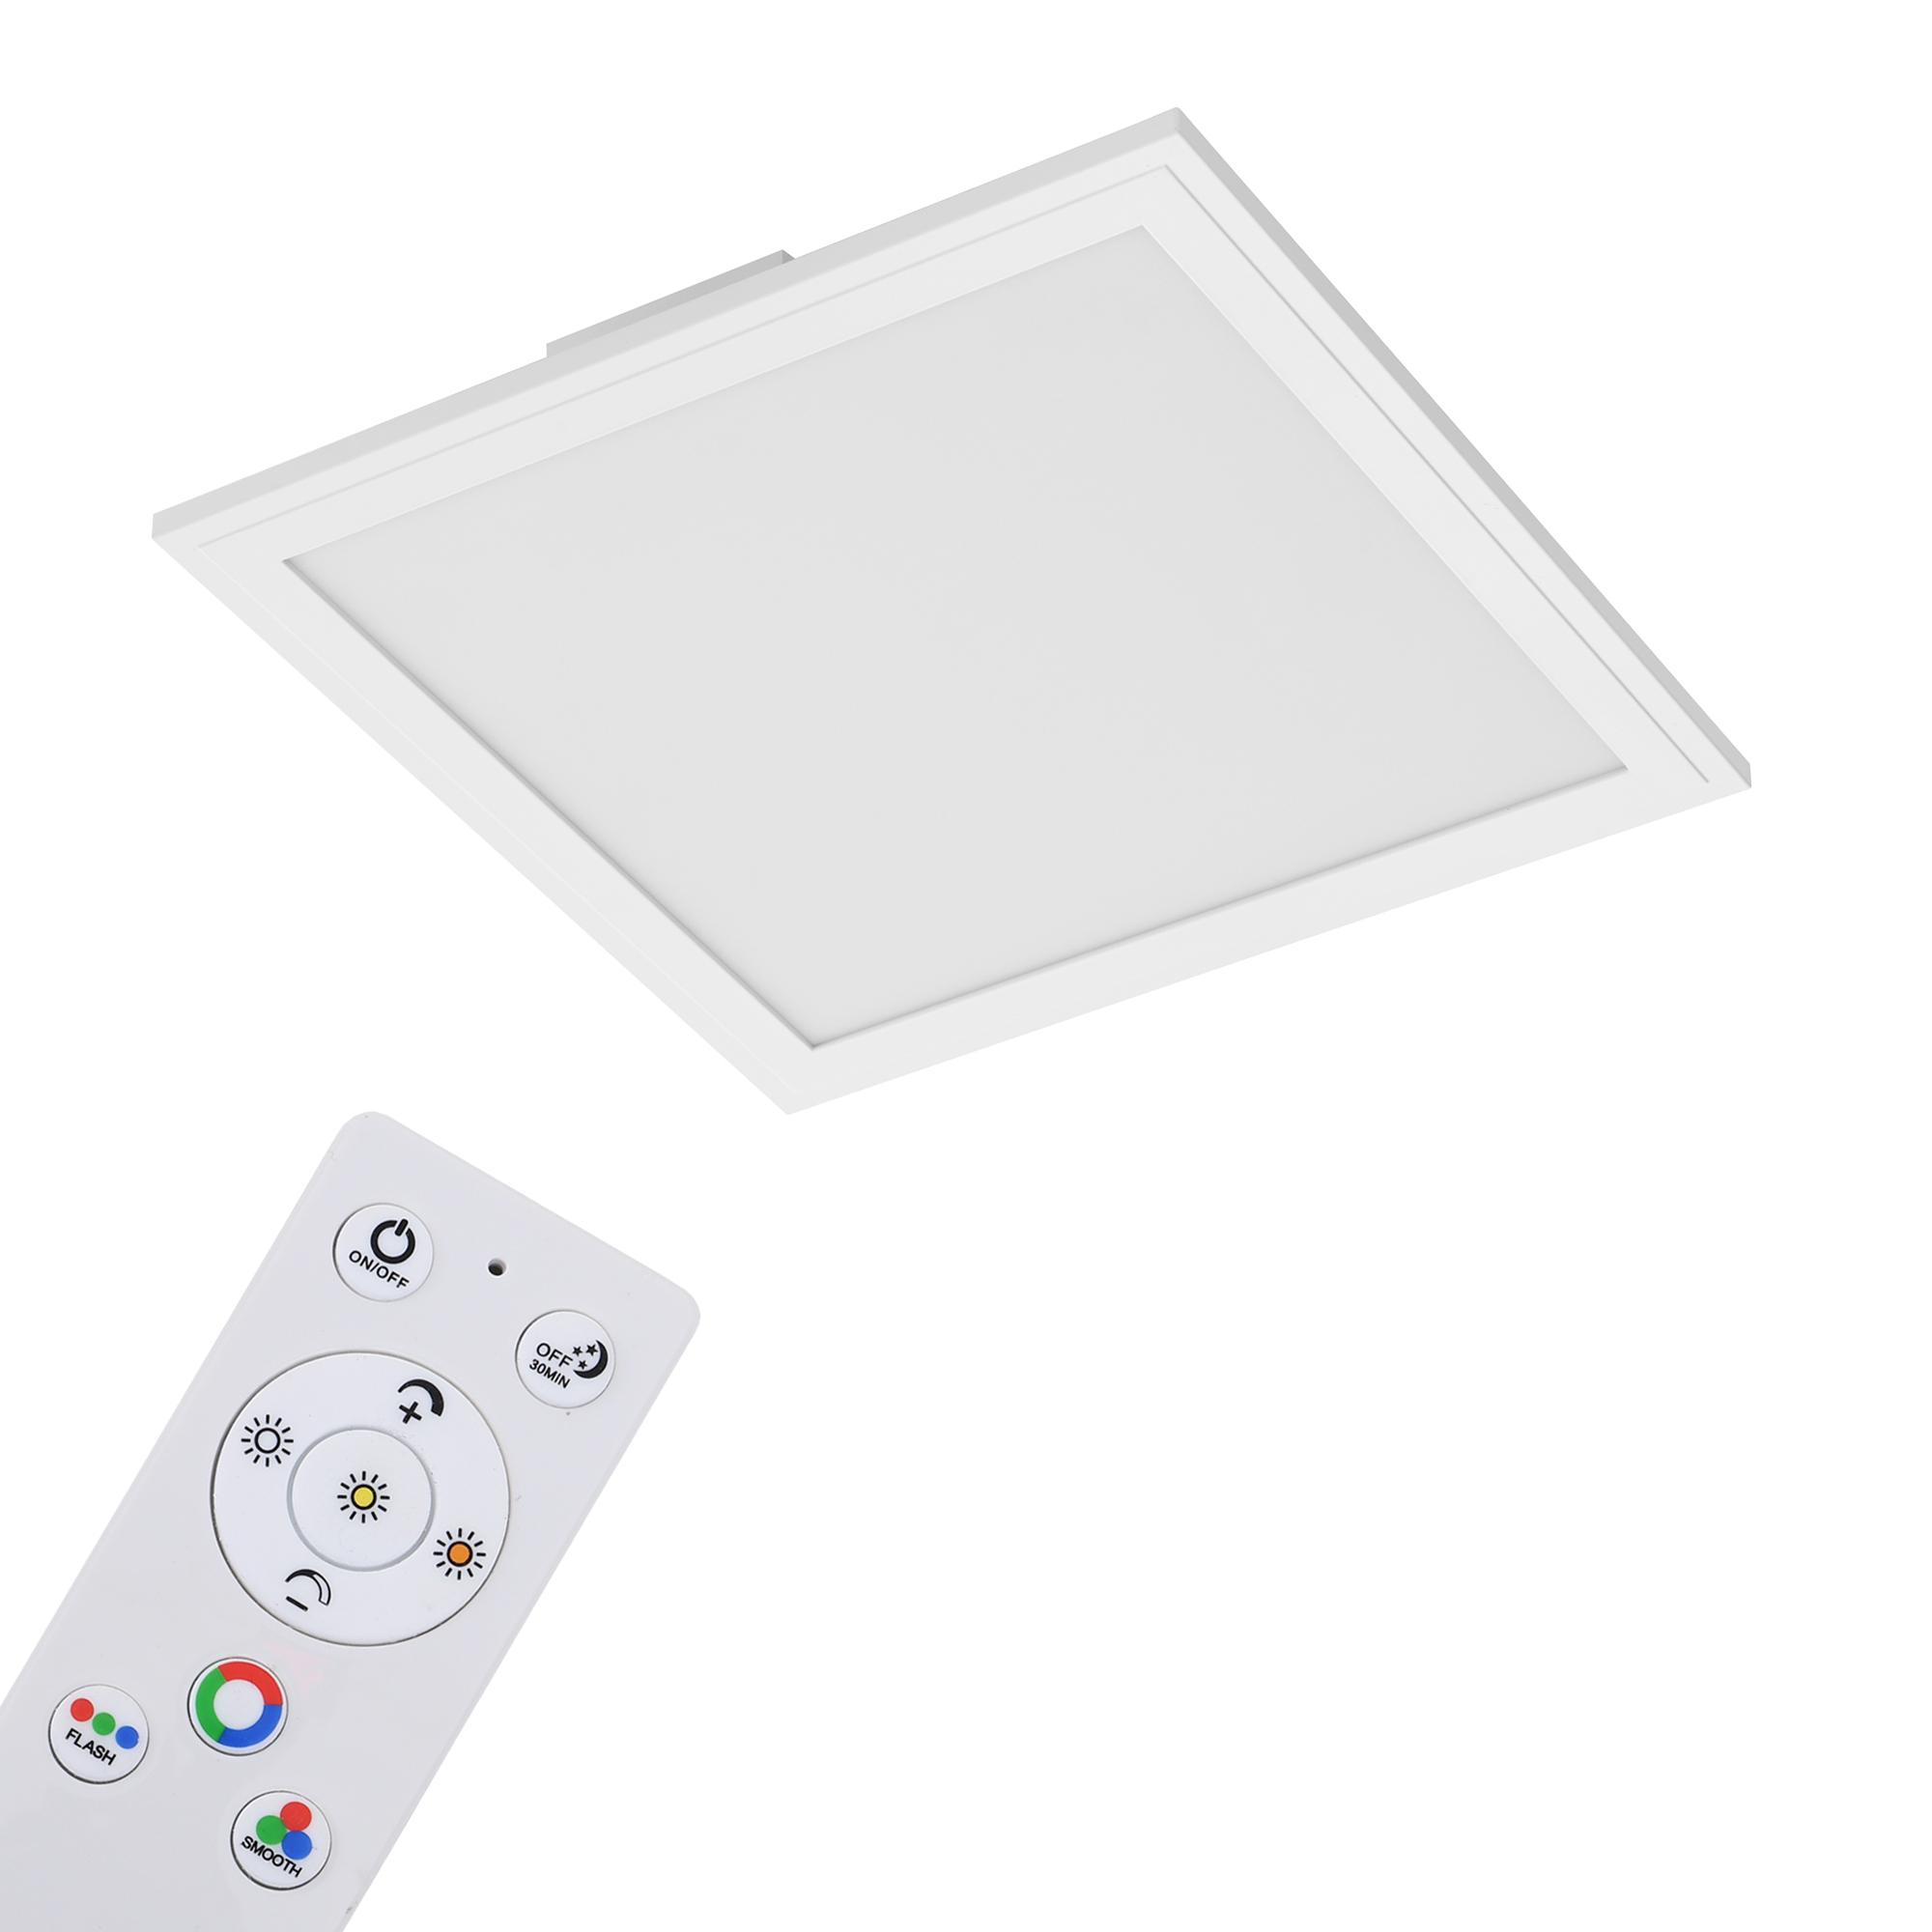 RGB Farbwechsel LED Panel, 29,5 cm, 1800 LUMEN, Weiß